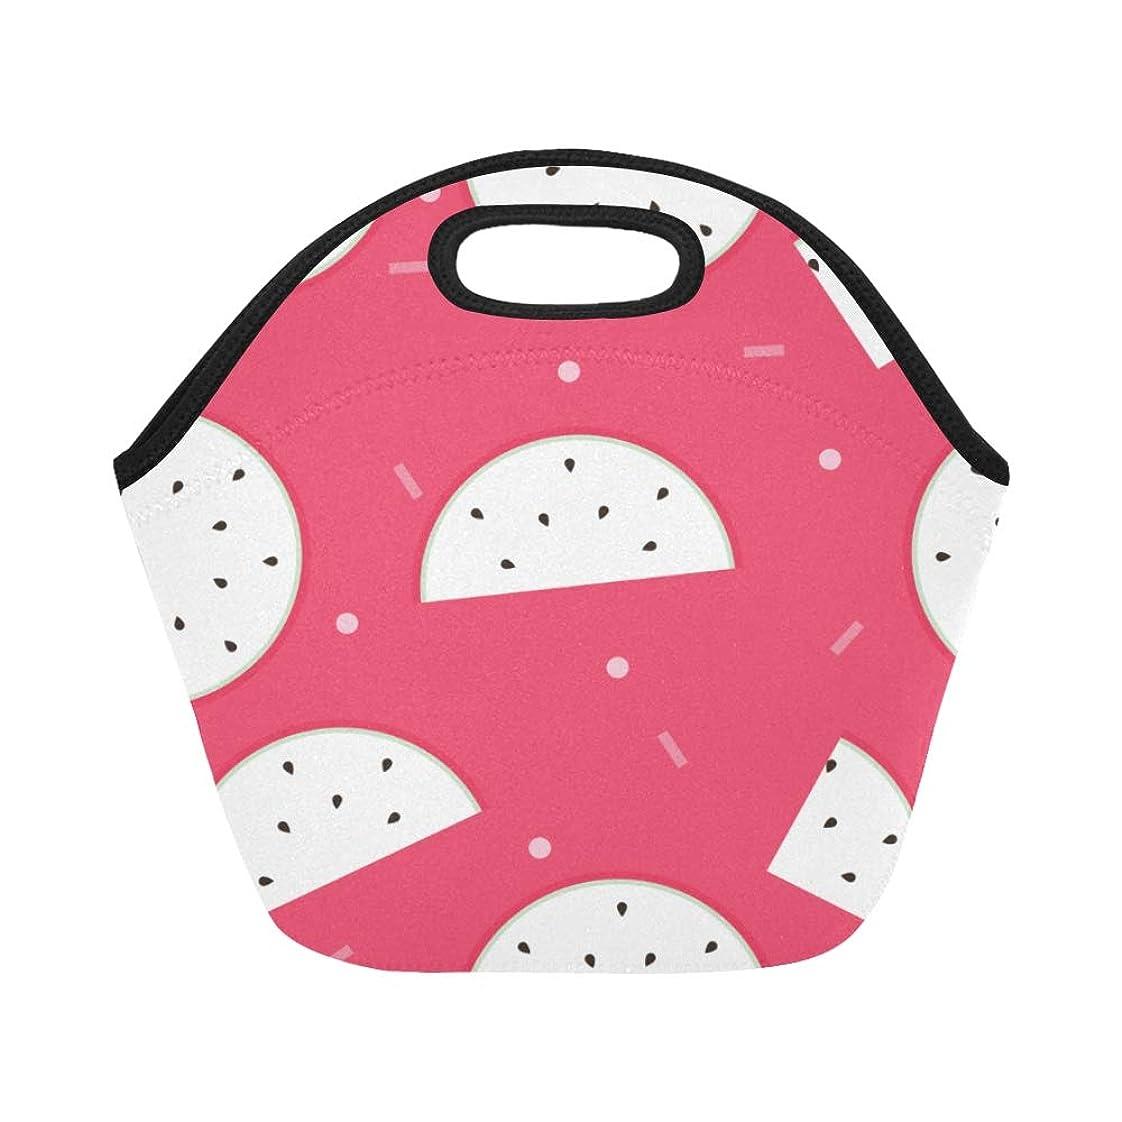 ゆでる論争の的テロGXMAN ランチバッグ 甘いドラゴンフルーツ 弁当袋 お弁当入れ 保温保冷 トート 弁当バッグ 大容量 トートバッグ